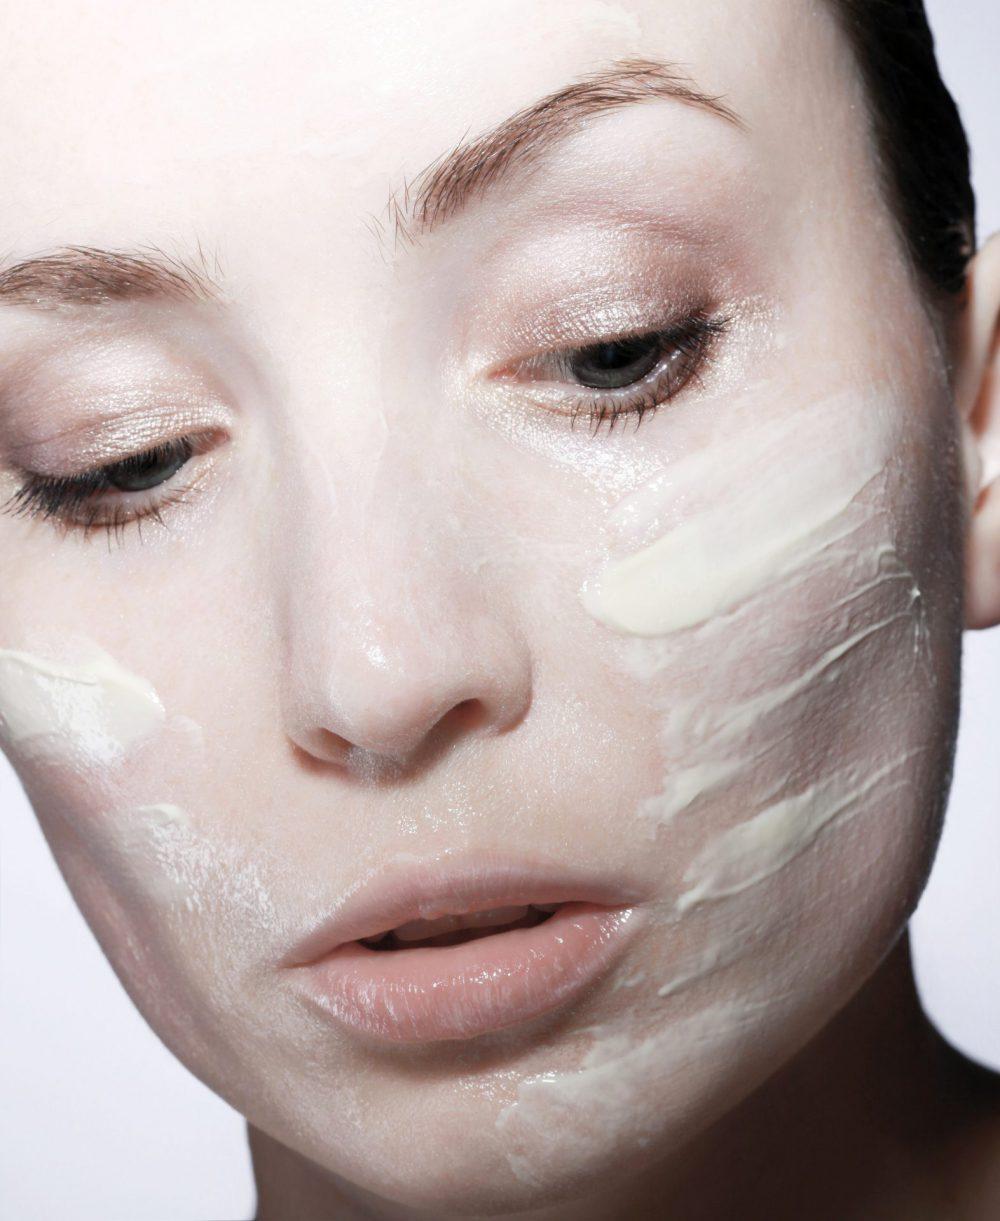 stosowanie kremu na twarz - co warto wiedzieć?